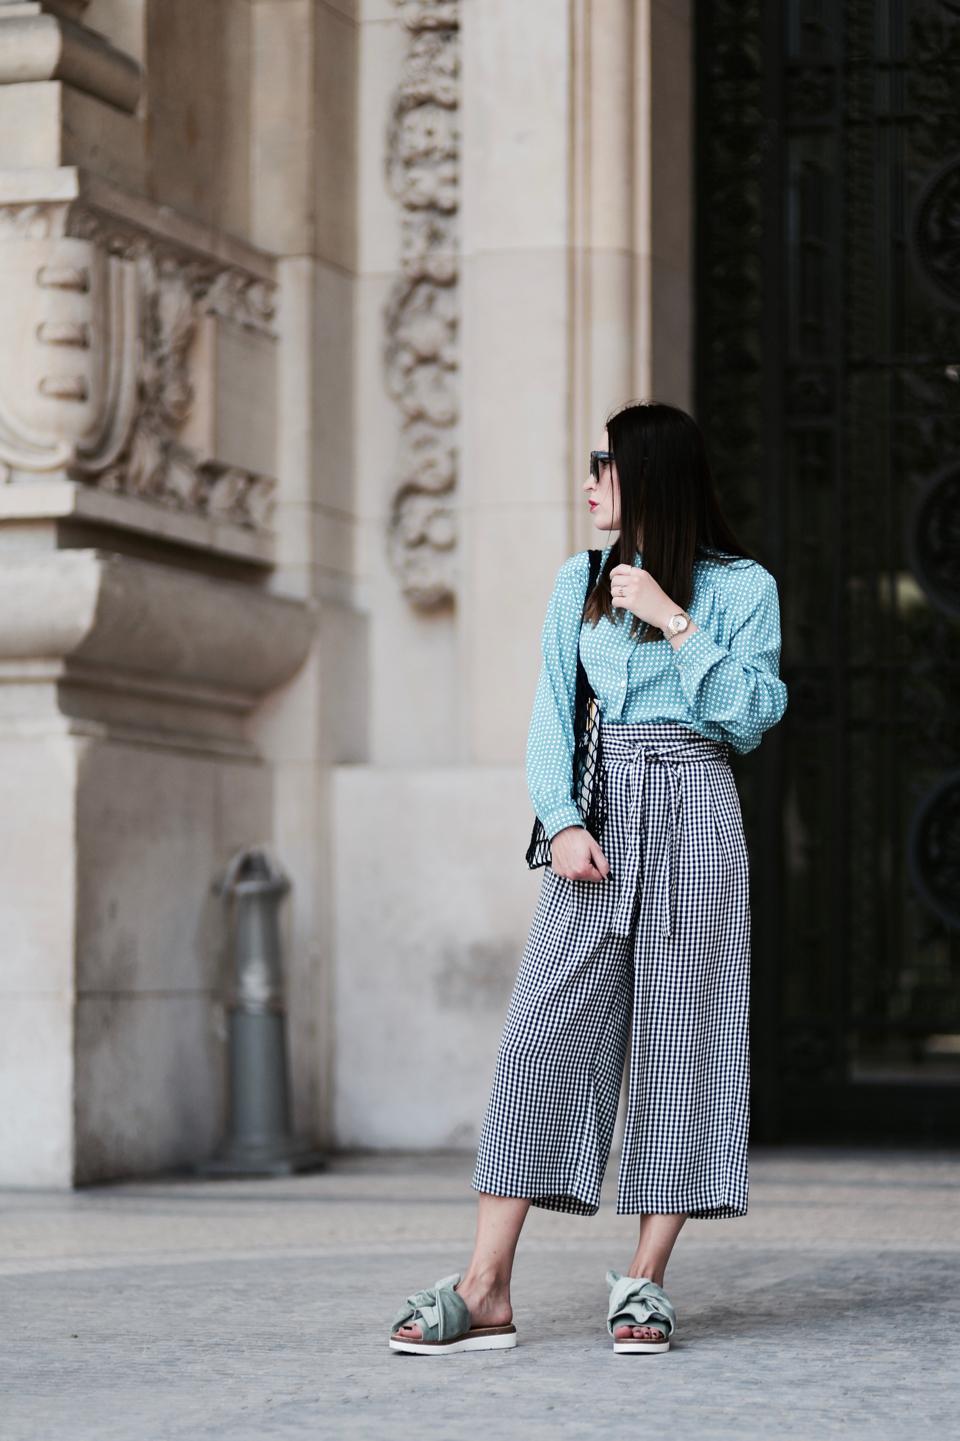 bluzka-i-spodnie-we-wzory-jak-łączyć-czy-pasuje